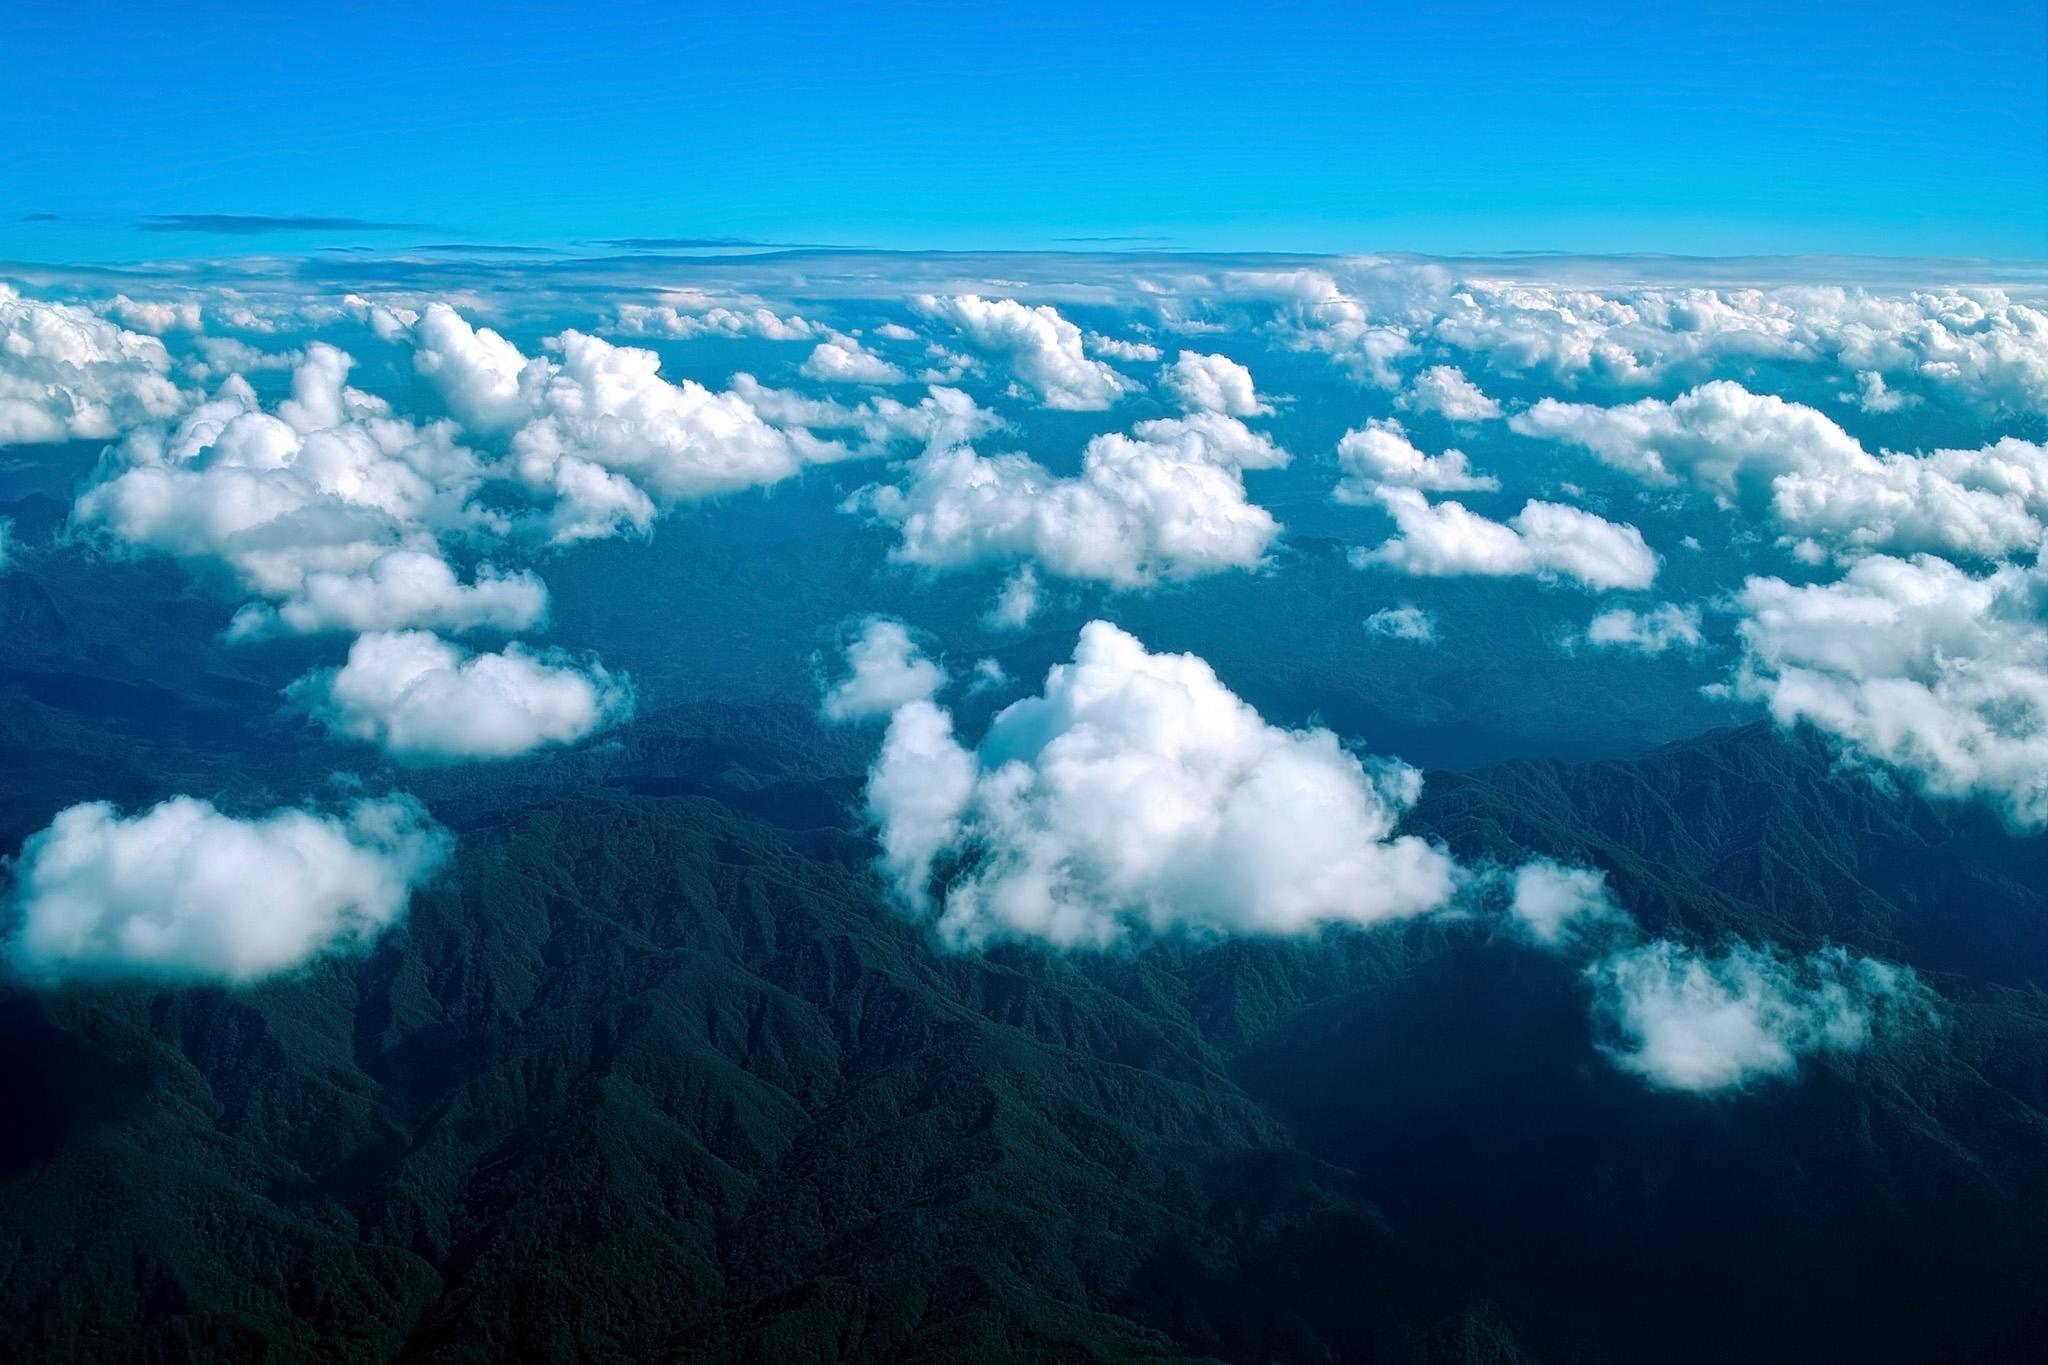 「上空から見た果てしなく続く雲とそびえ立つ山々」の画像を無料ダウンロード